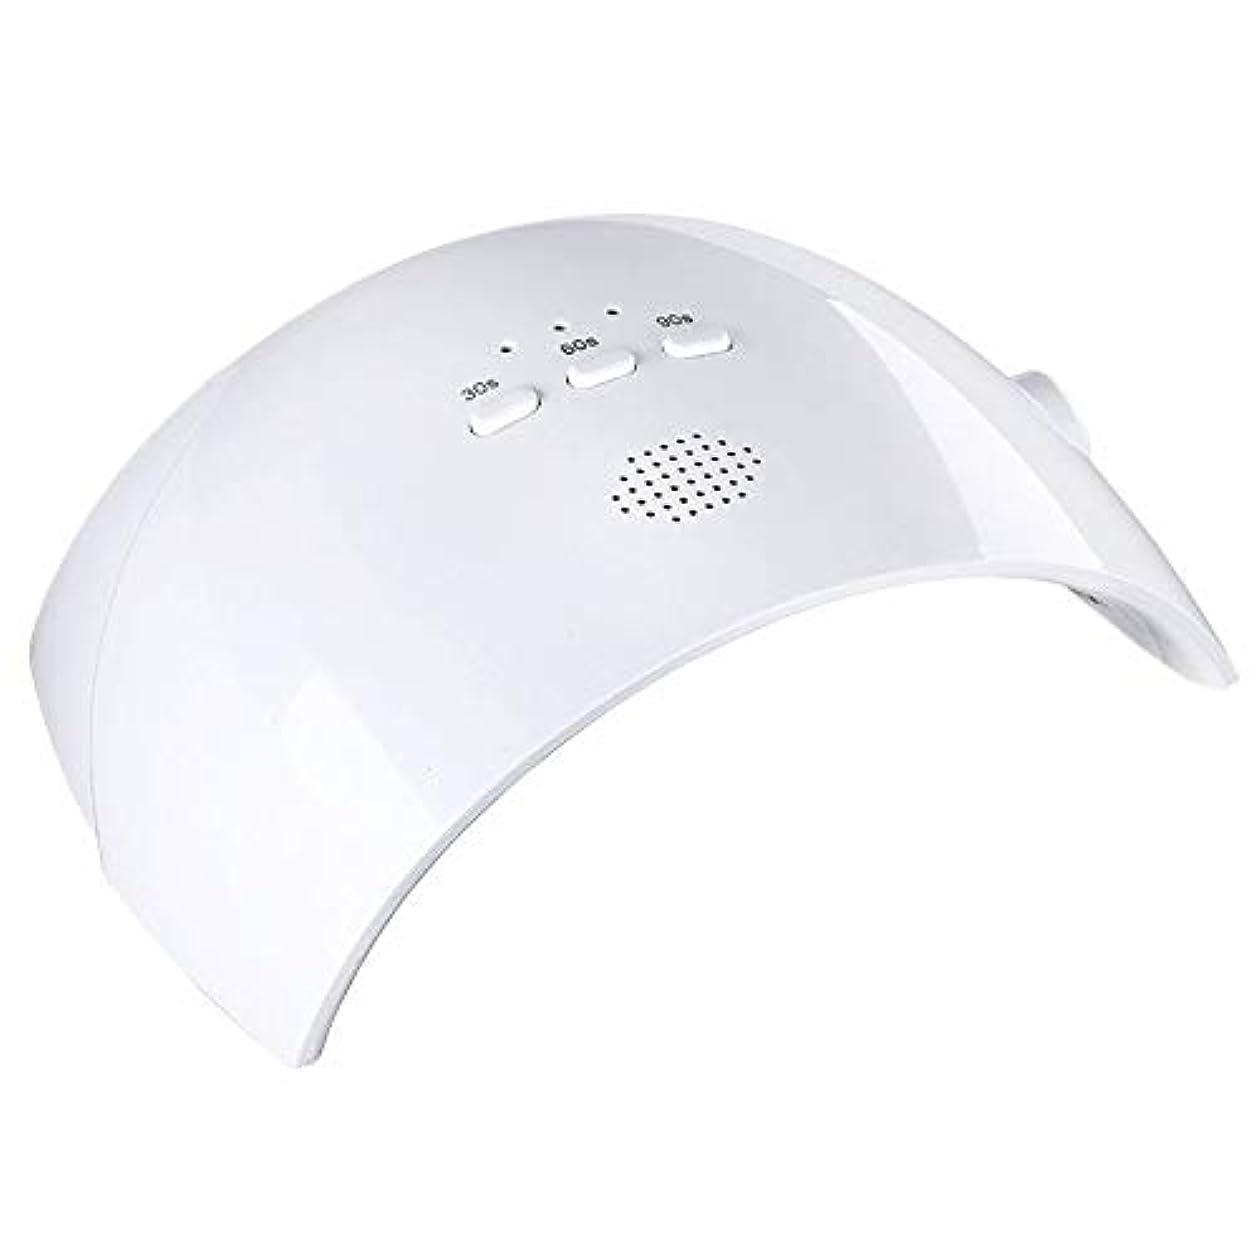 アナニバー水曜日余剰ネイルライト、3タイマー設定付き36W UV LEDジェルネイルドライヤー - プロフェッショナルジェルネイルポリッシュランプ